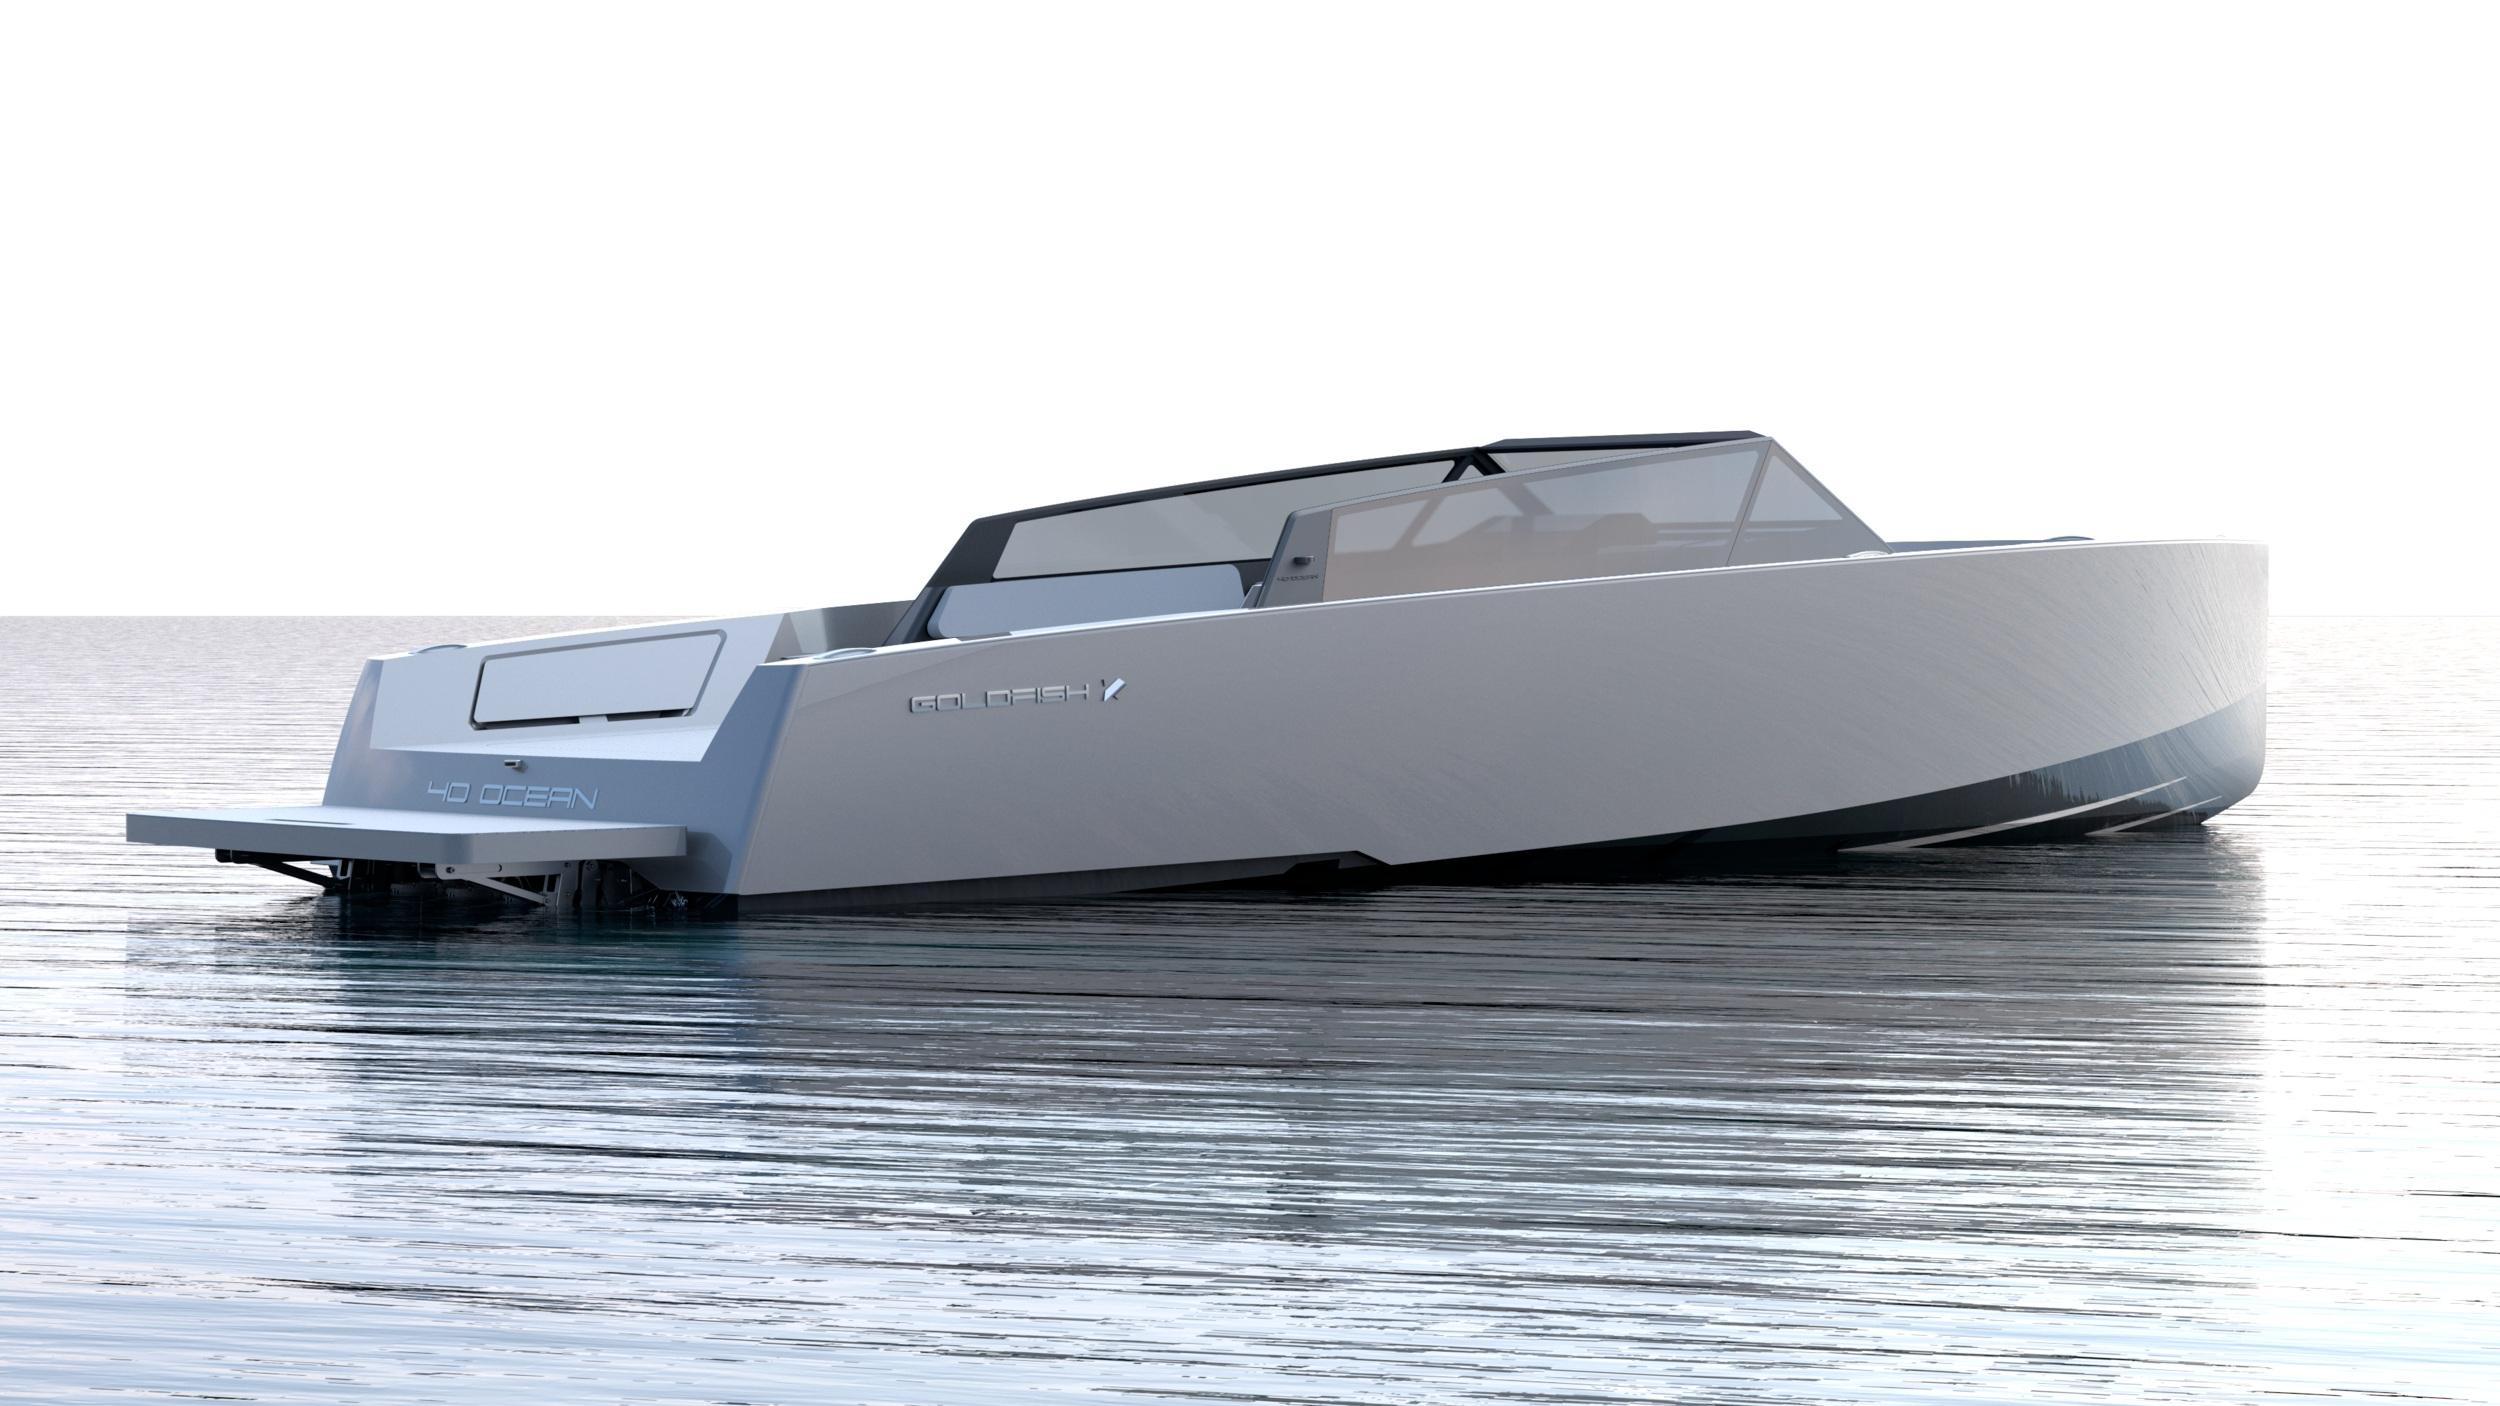 Goldfish-boat-ocean-40-pivot-produktdesign